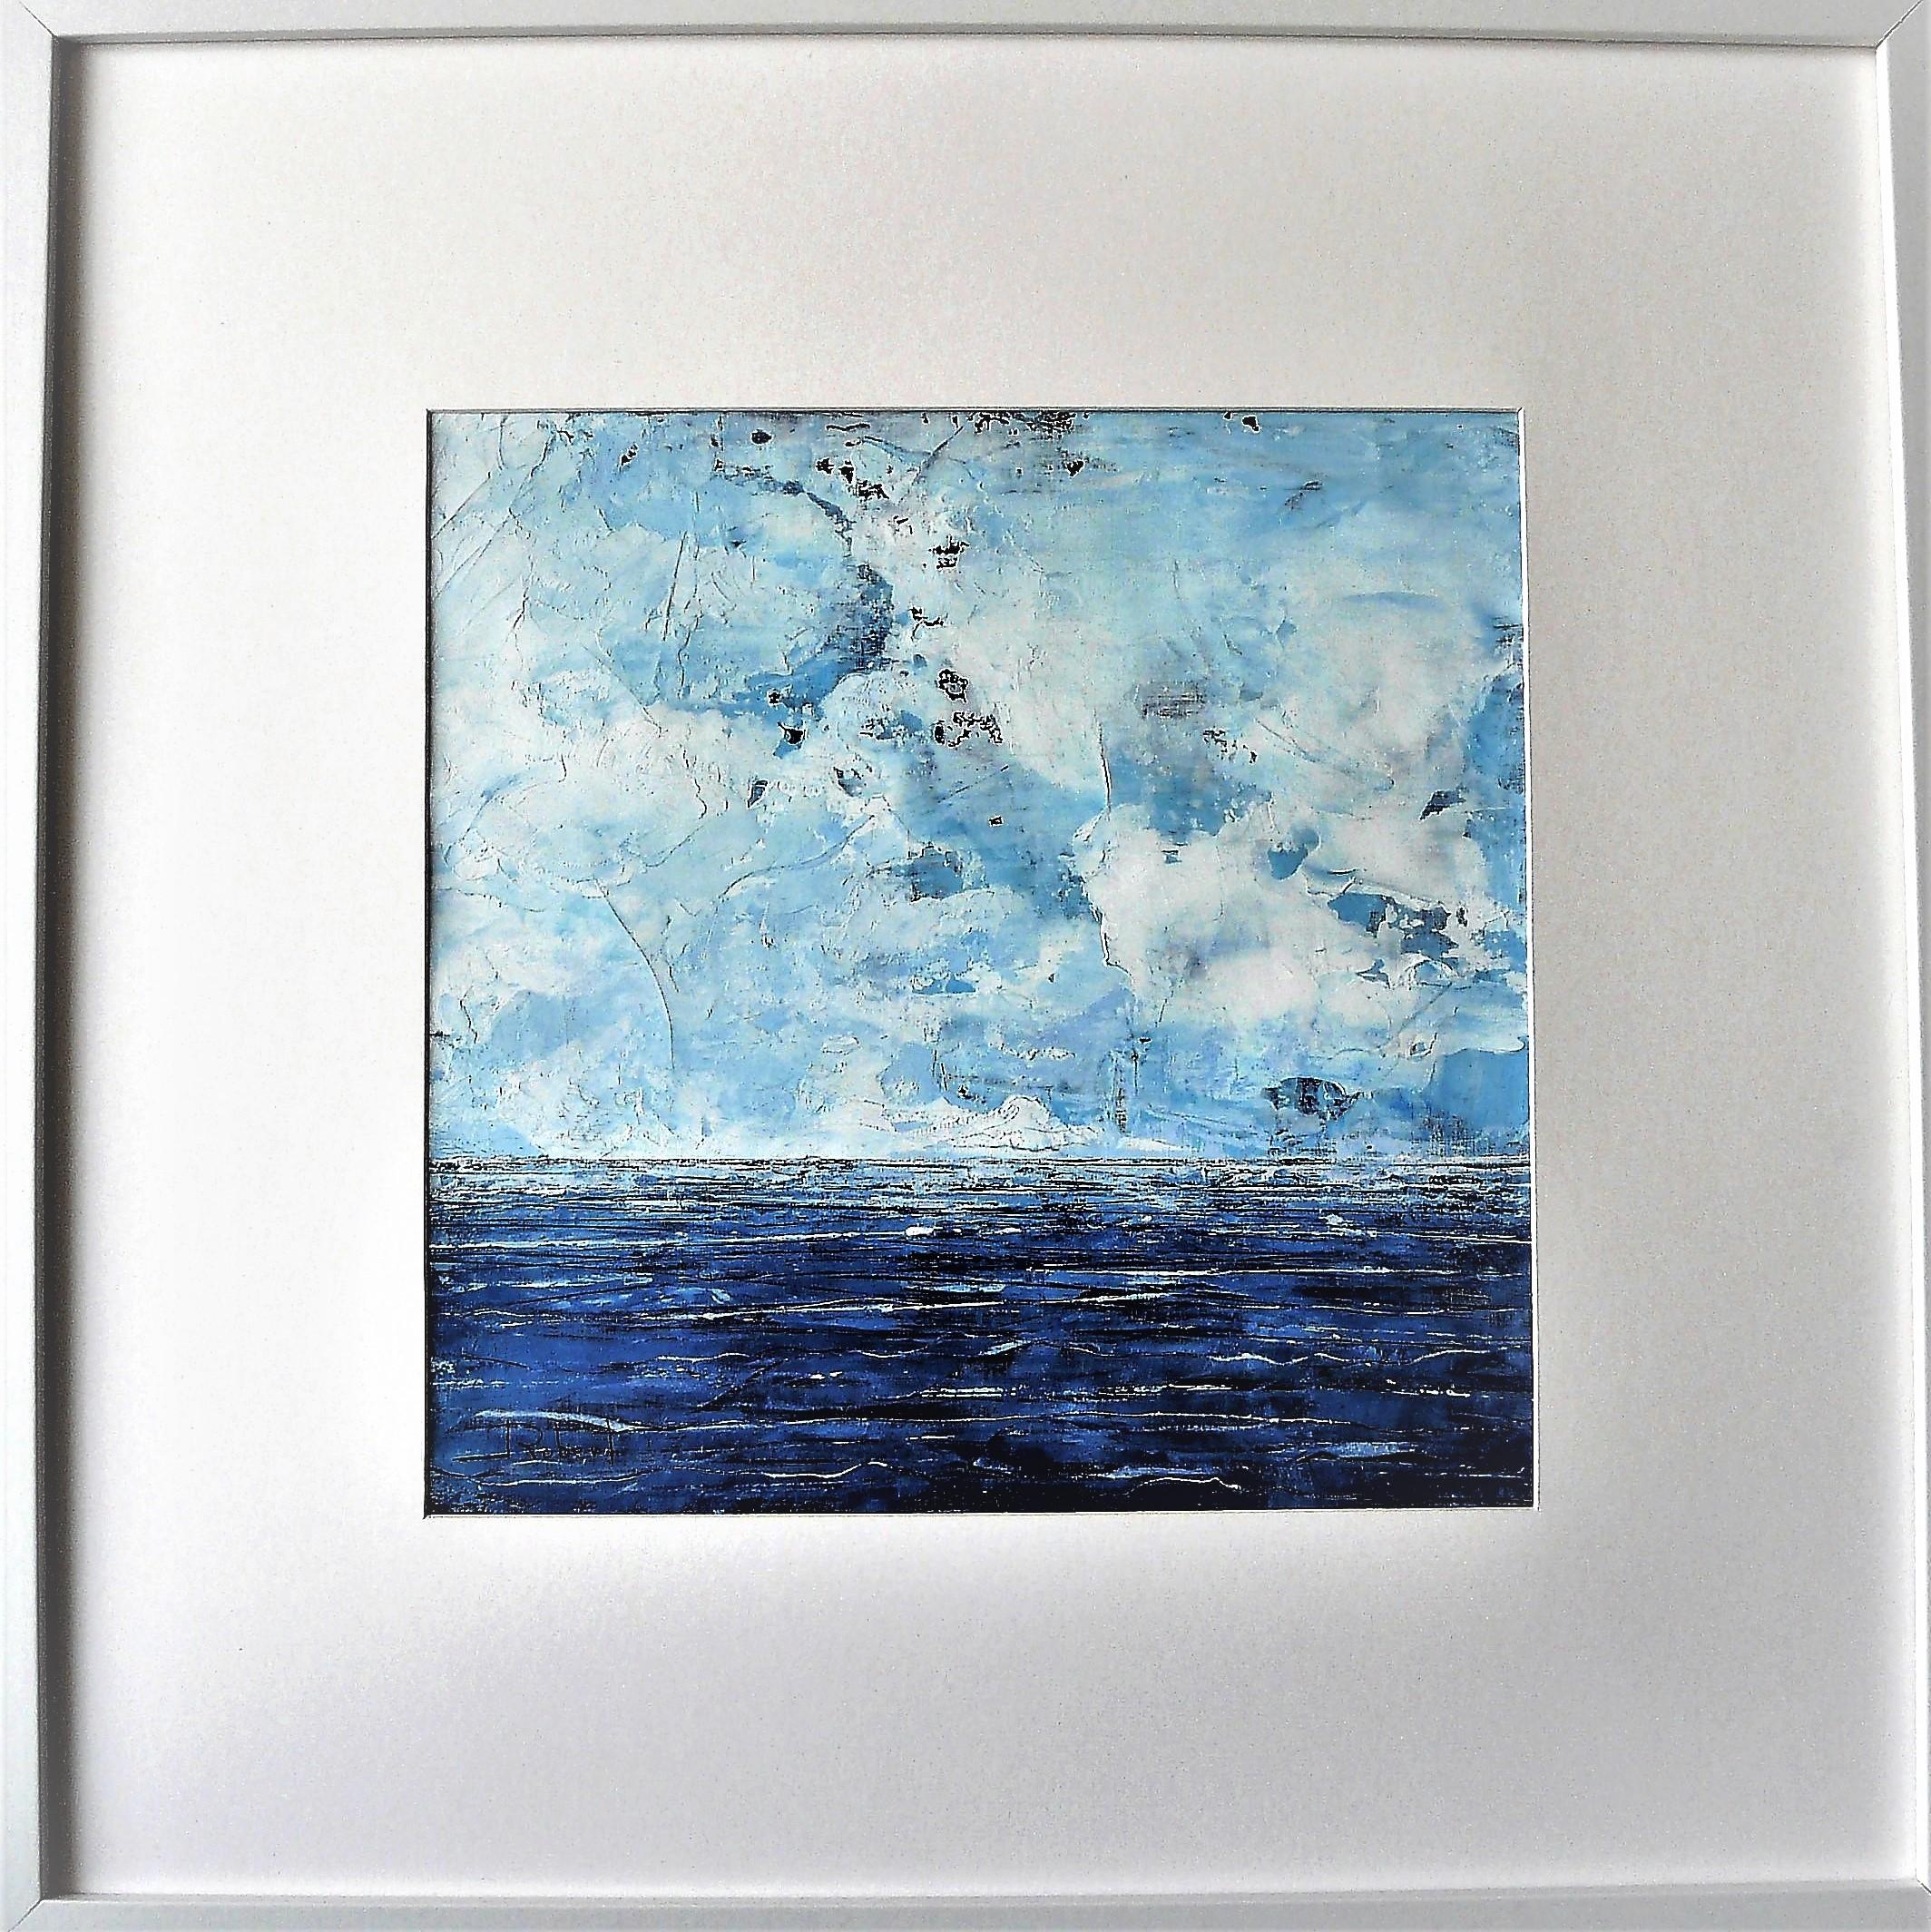 Océan mer pm num 2 acrylique sur papier toilé 30x30 eet 50x50 cm avec cadre